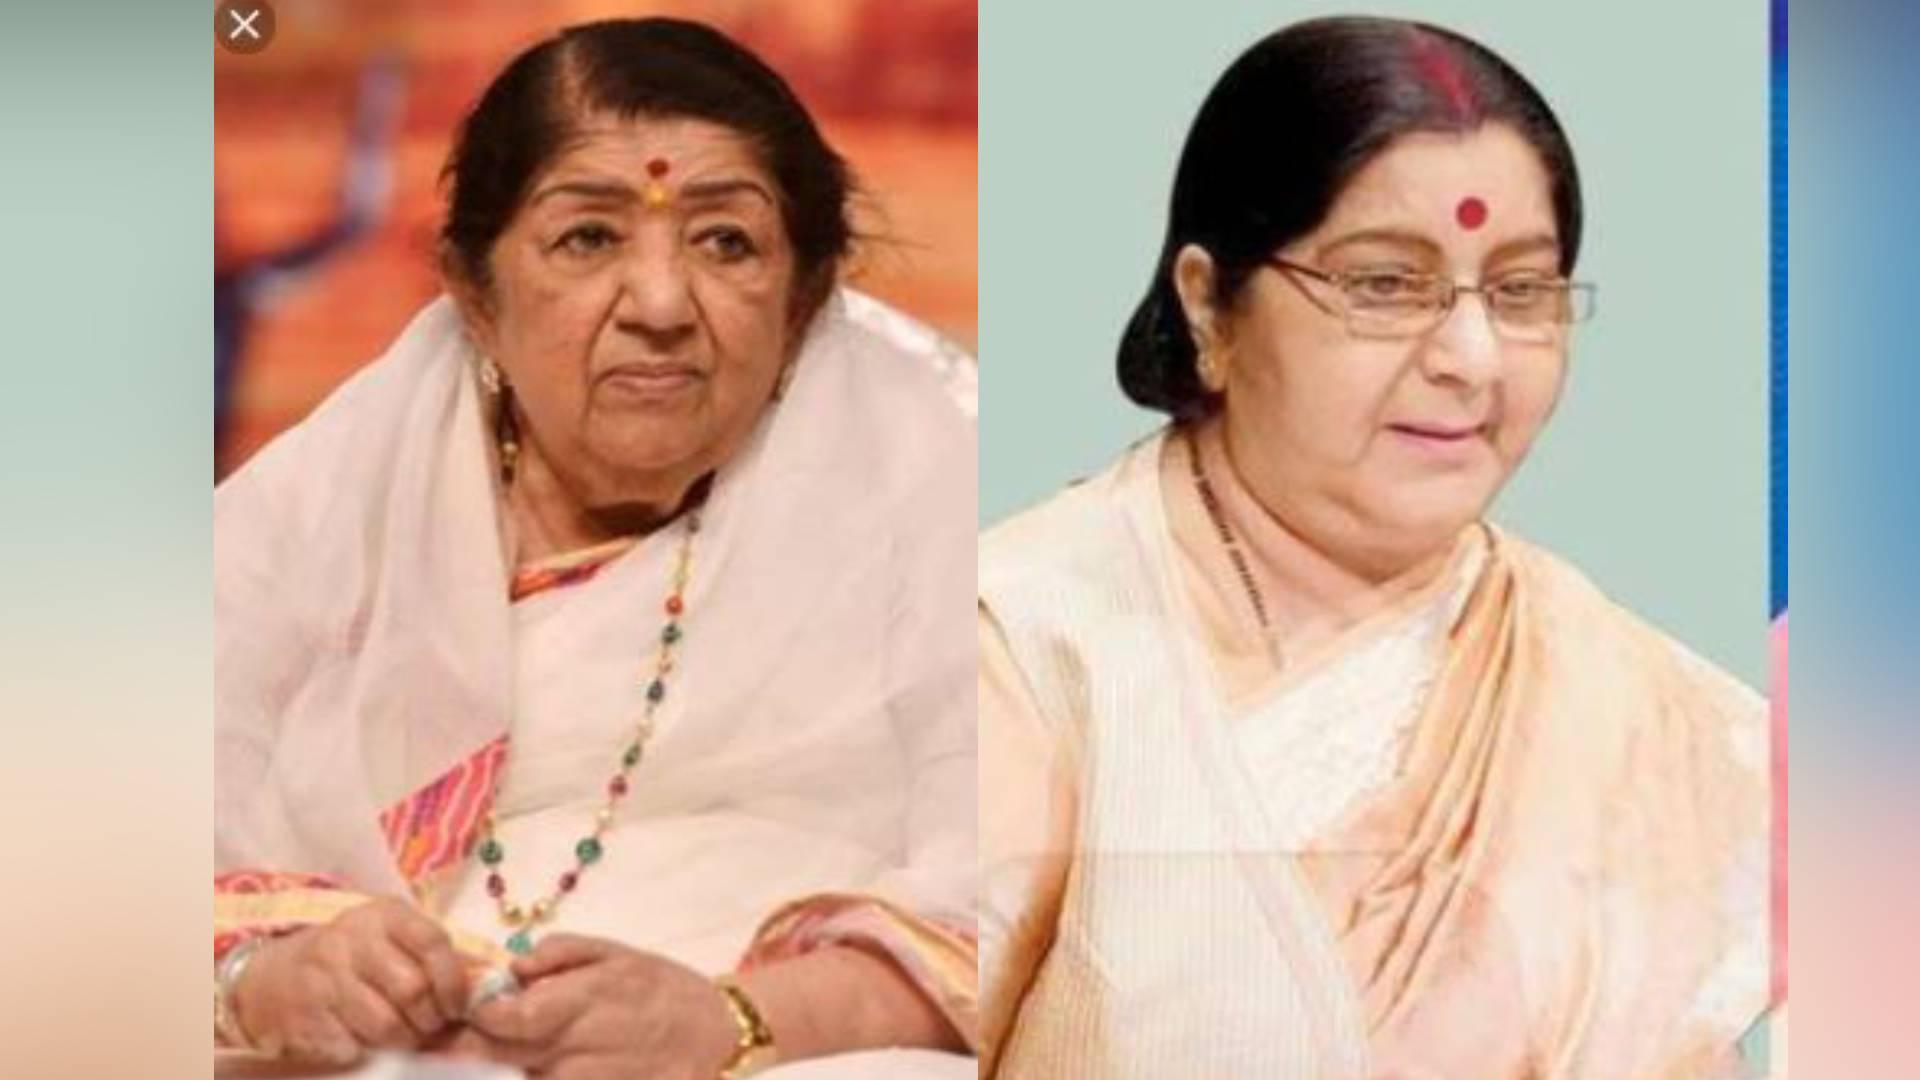 सुषमा स्वराज के निधन पर इन बॉलीवुड हस्तियों ने जताया दुख, लता मंगेशकर ने कहा- मुझे गहरा सदमा लगा है!